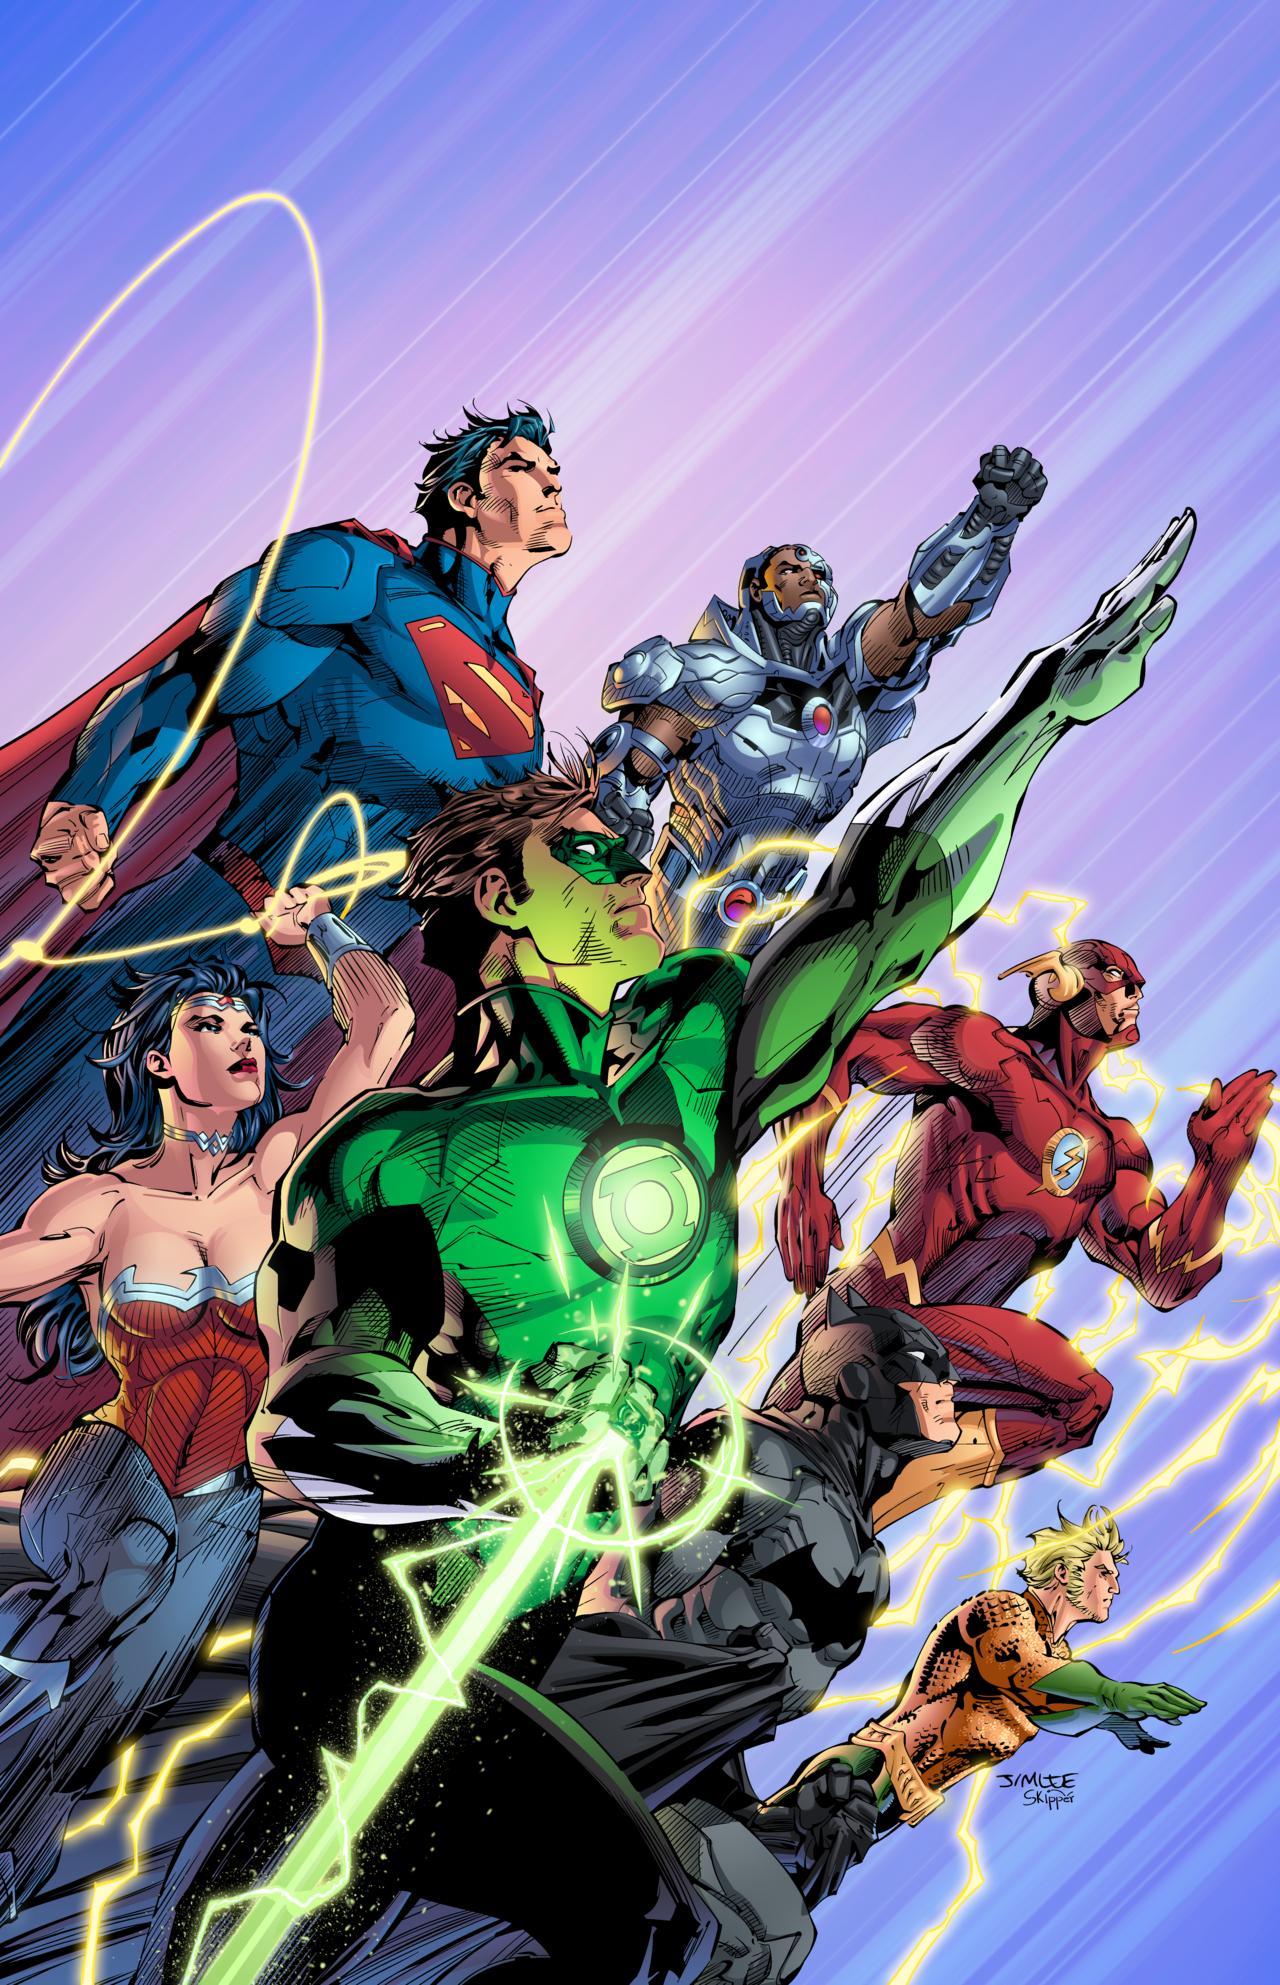 Dc Comics Justice League : Justice league jim lee dc comics pinterest